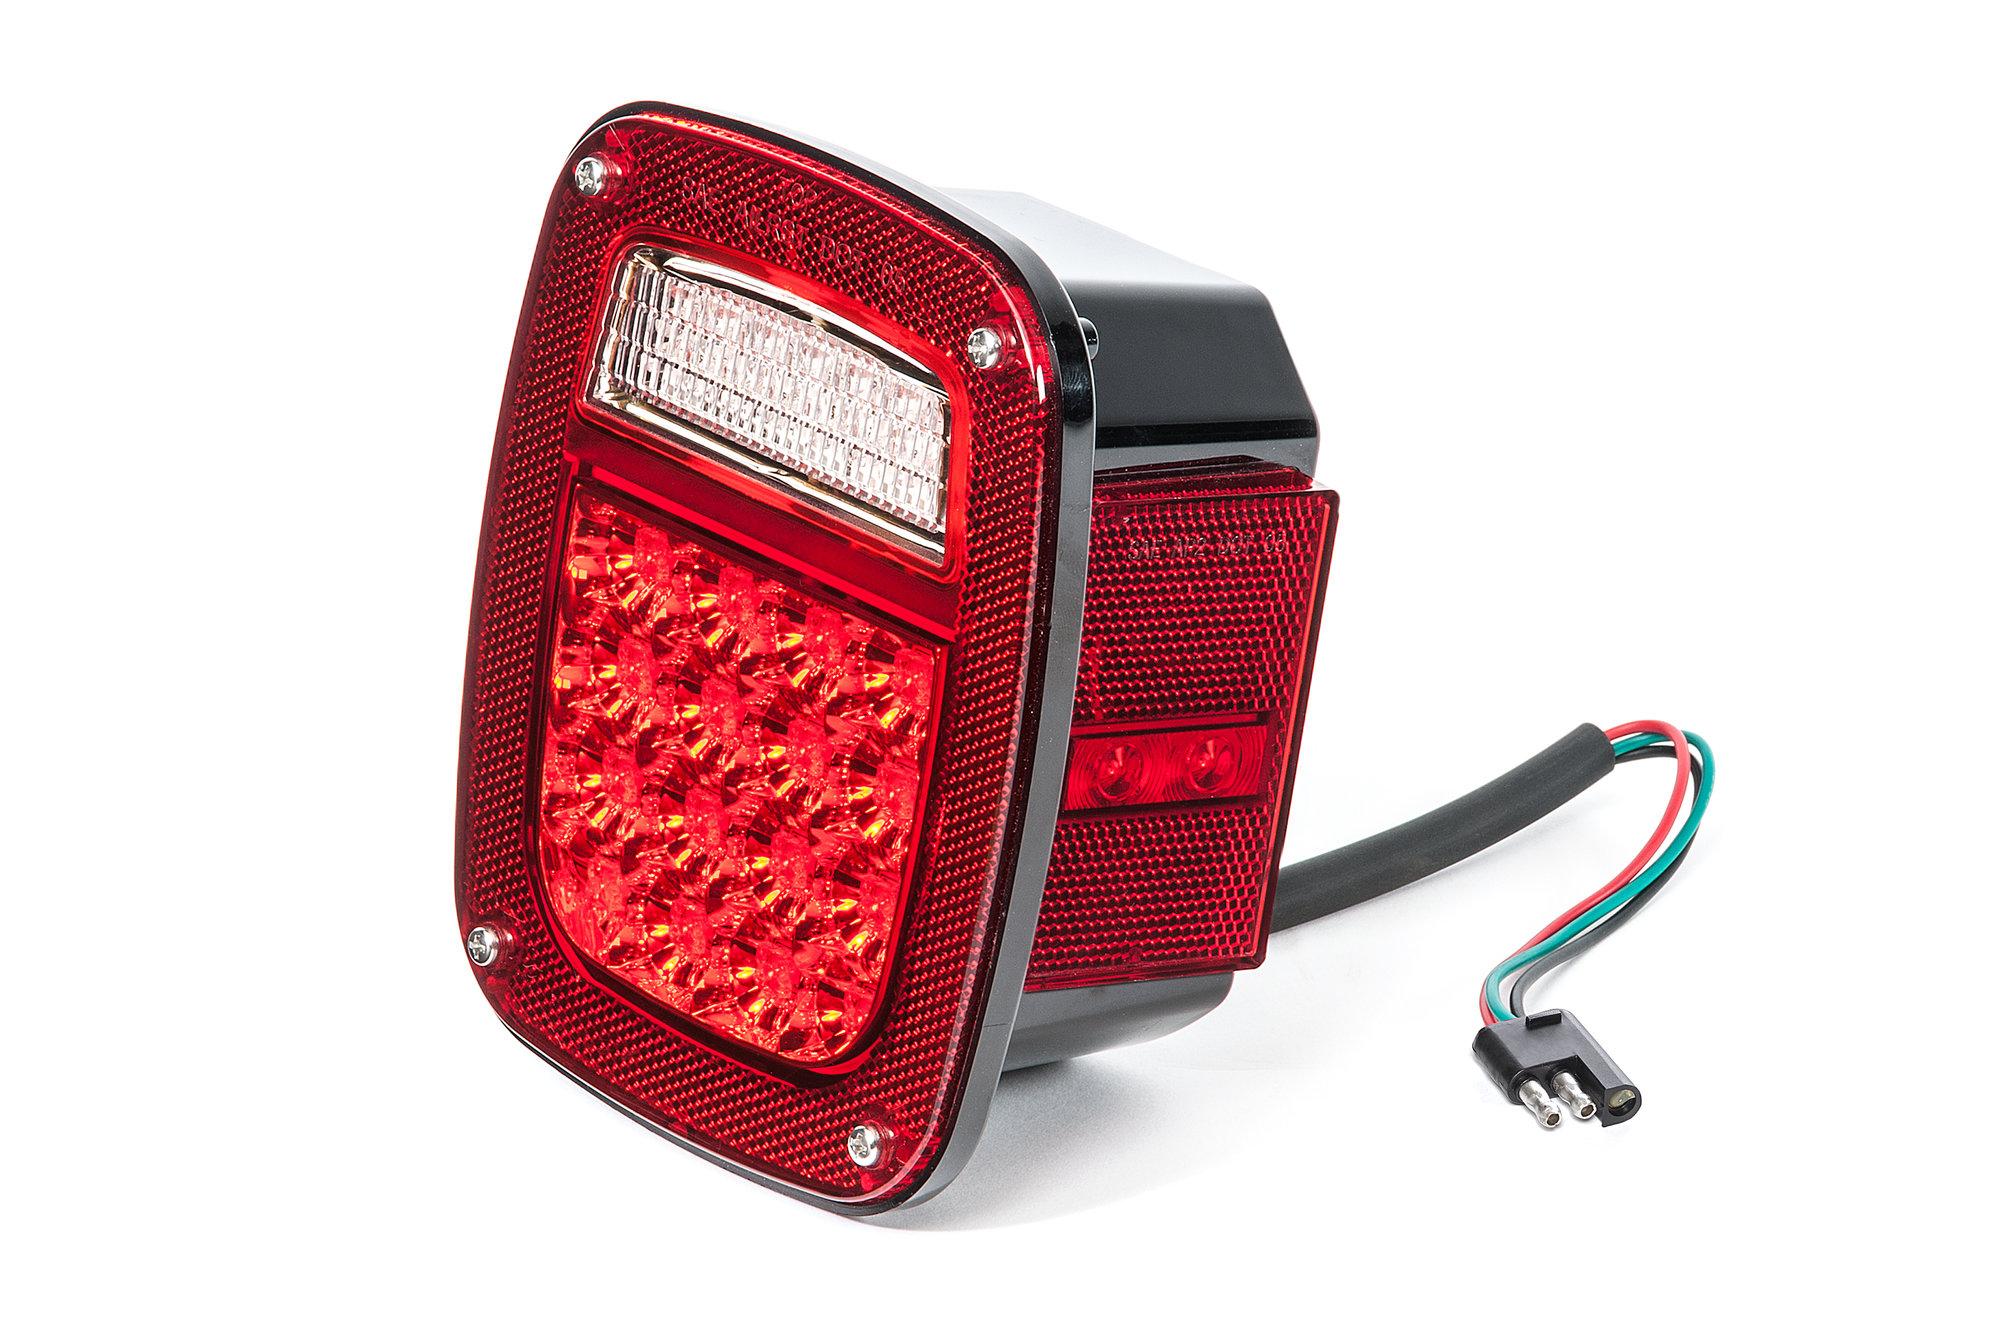 hight resolution of quadratec led tail light kit for 81 86 jeep cj 5 cj 7 cj 8 scrambler quadratec